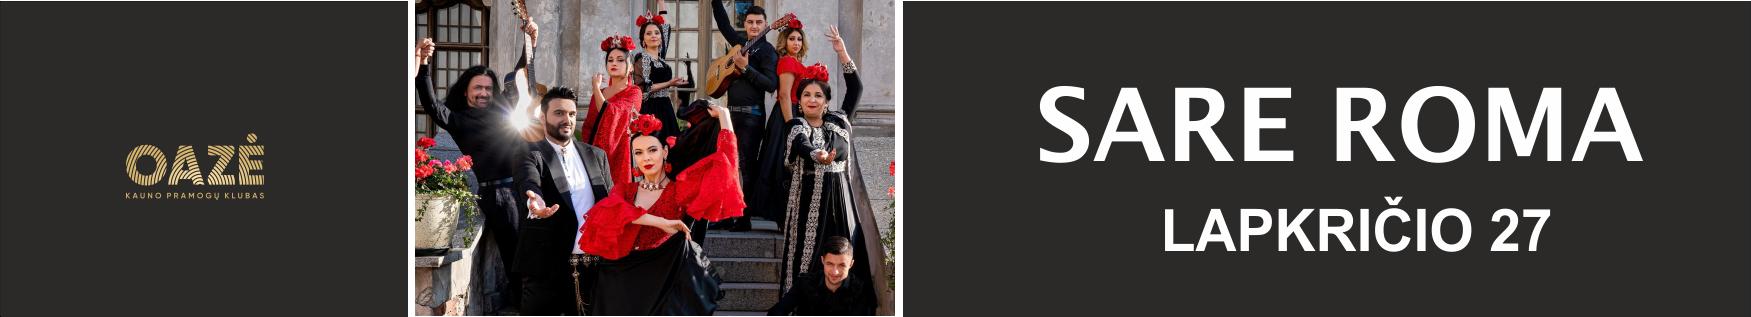 Sare roma - FB COVER 2021